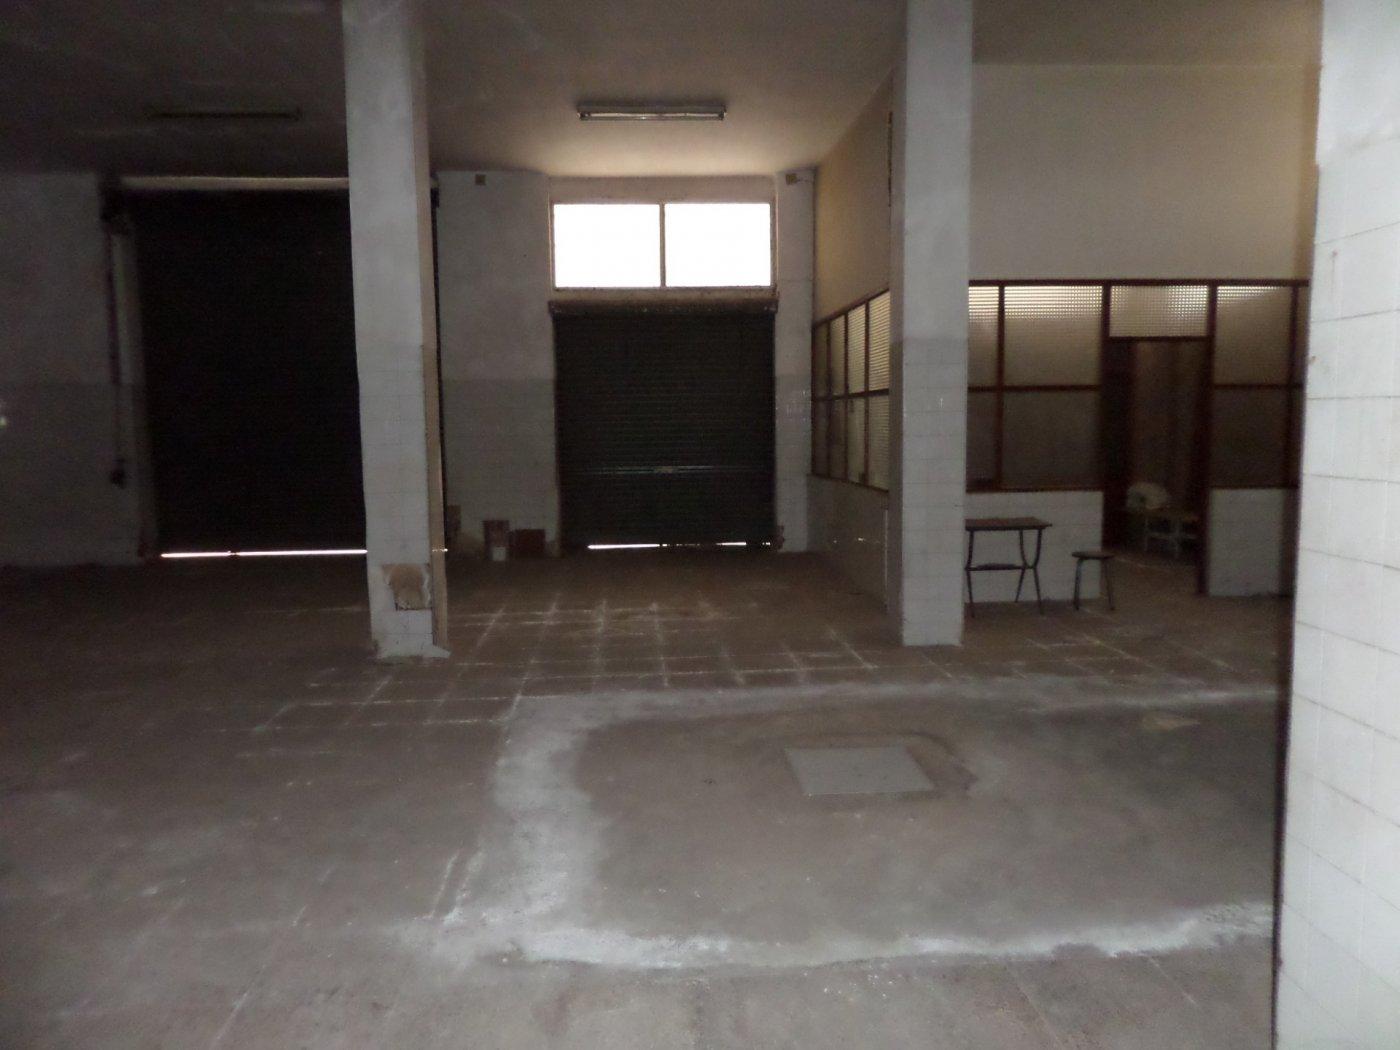 VENTA LOCAL COMERCIAL 853 M2. APROX. ZONA AVD. MIGUEL DE CERVANTES, DIÁFANO, SIN ARREGLAR